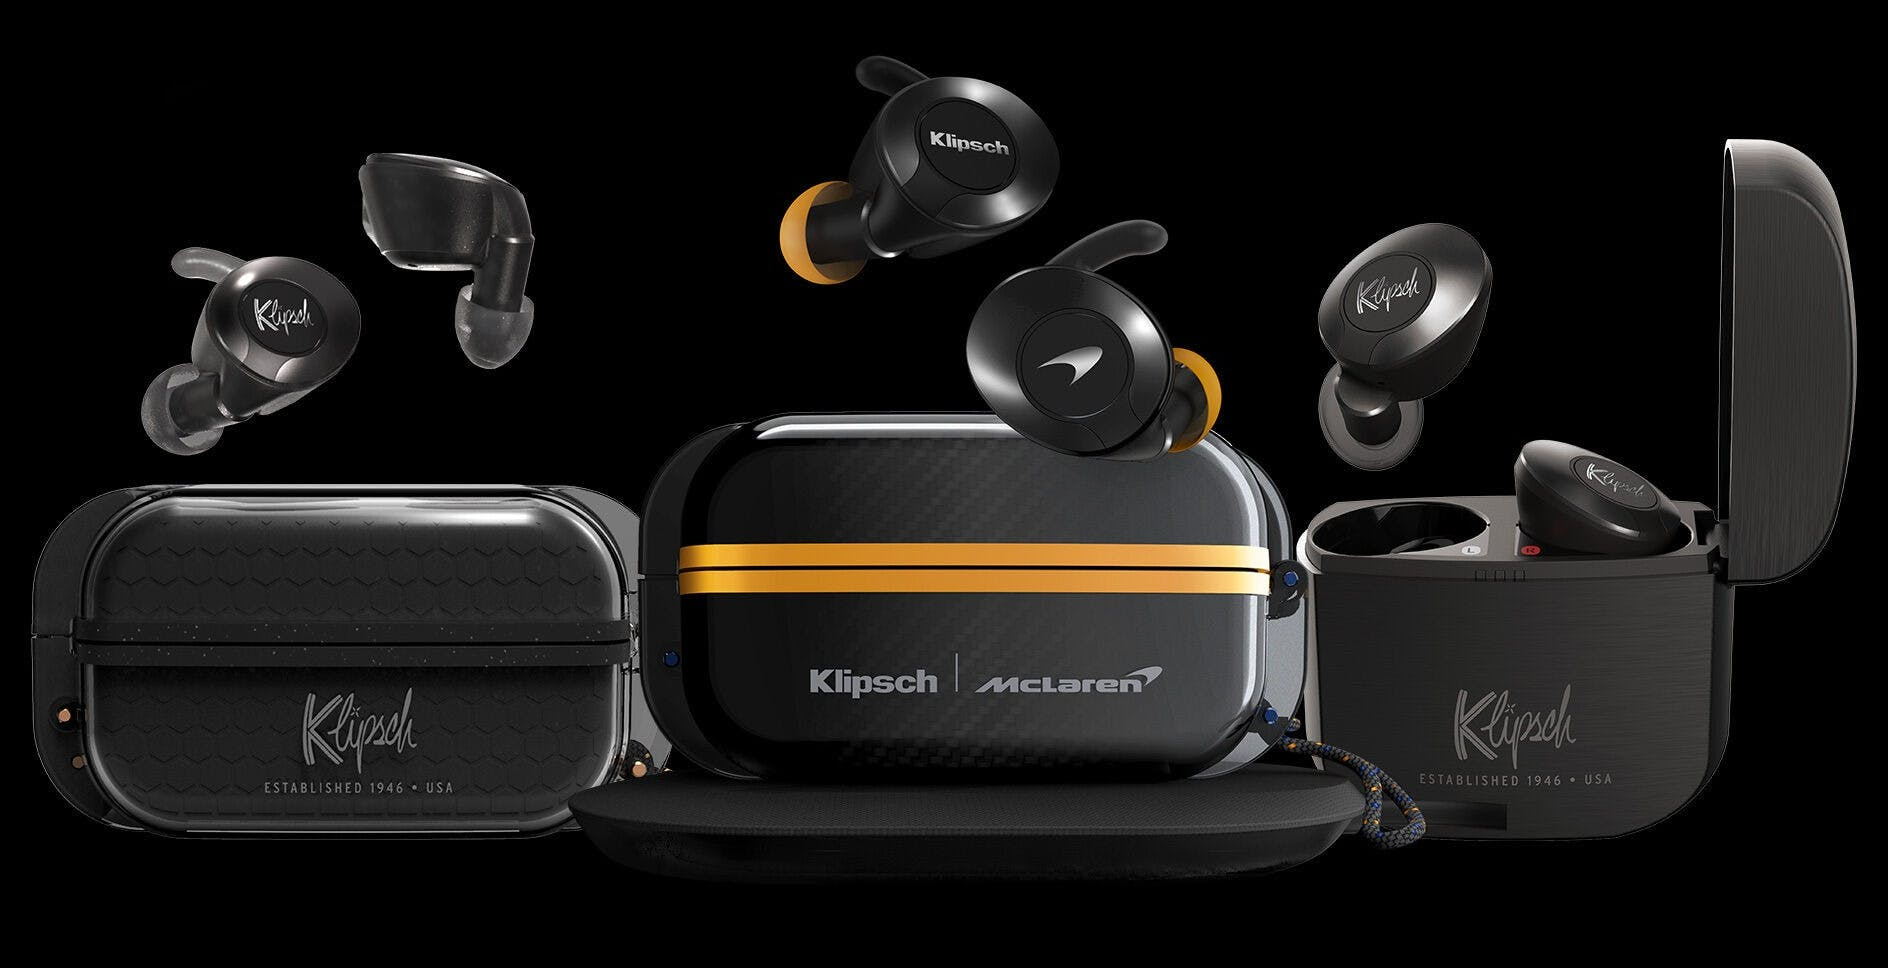 Cuffie, diffusori e auricolari wireless a marchio McLaren: accordo con Klipsch